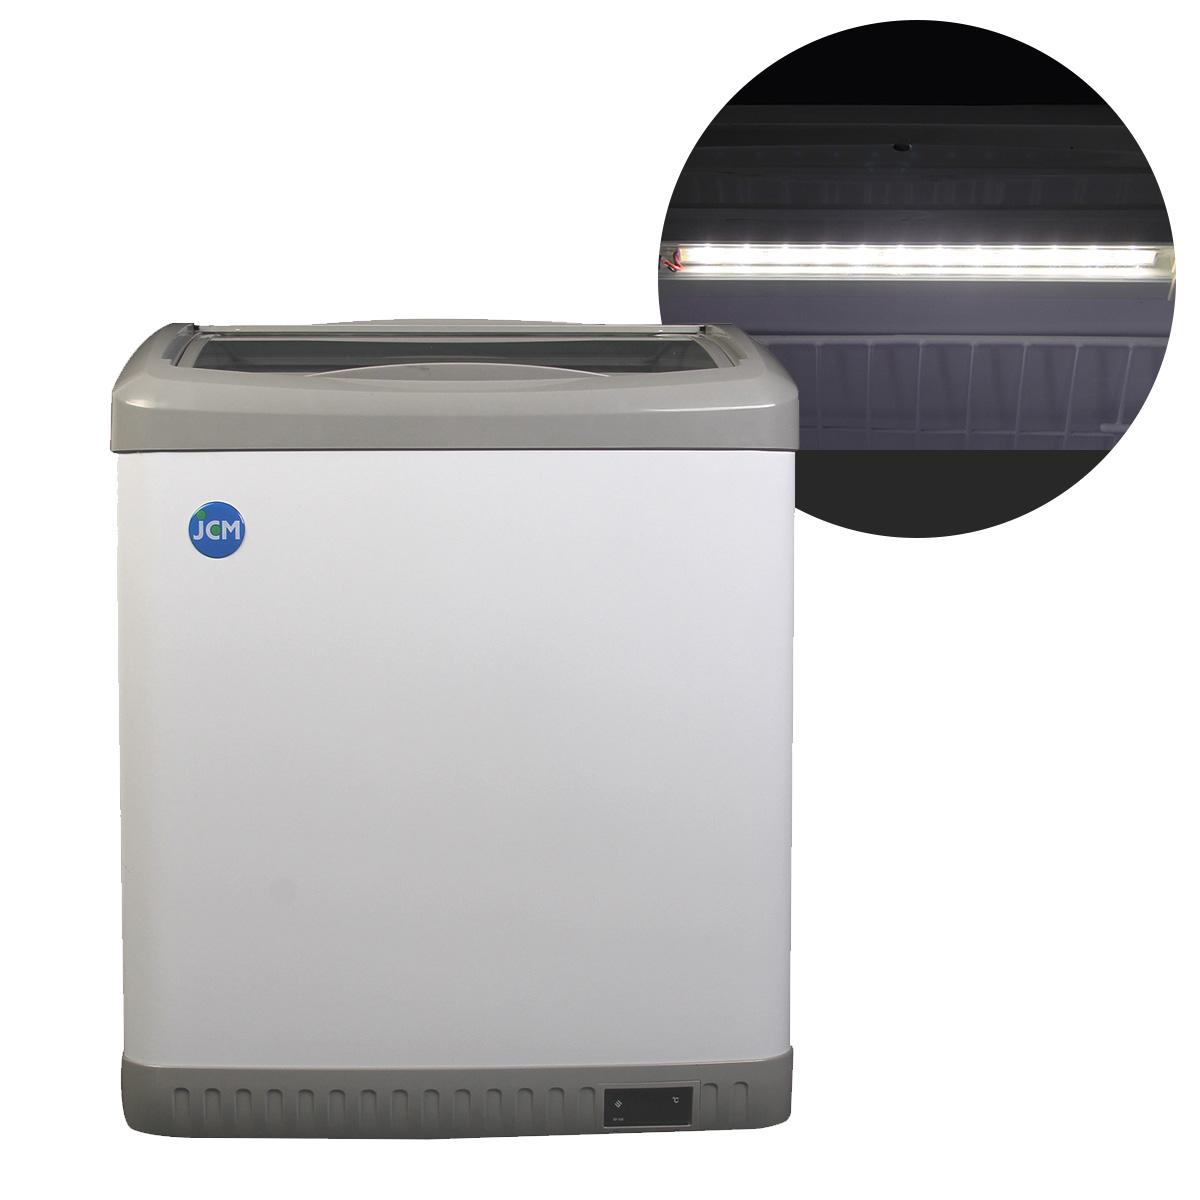 JCM 冷凍ショーケース 100L JCMCS-100L 業務用 冷凍 冷凍庫 保冷庫 ショーケース スライド LED照明付 【代引不可】